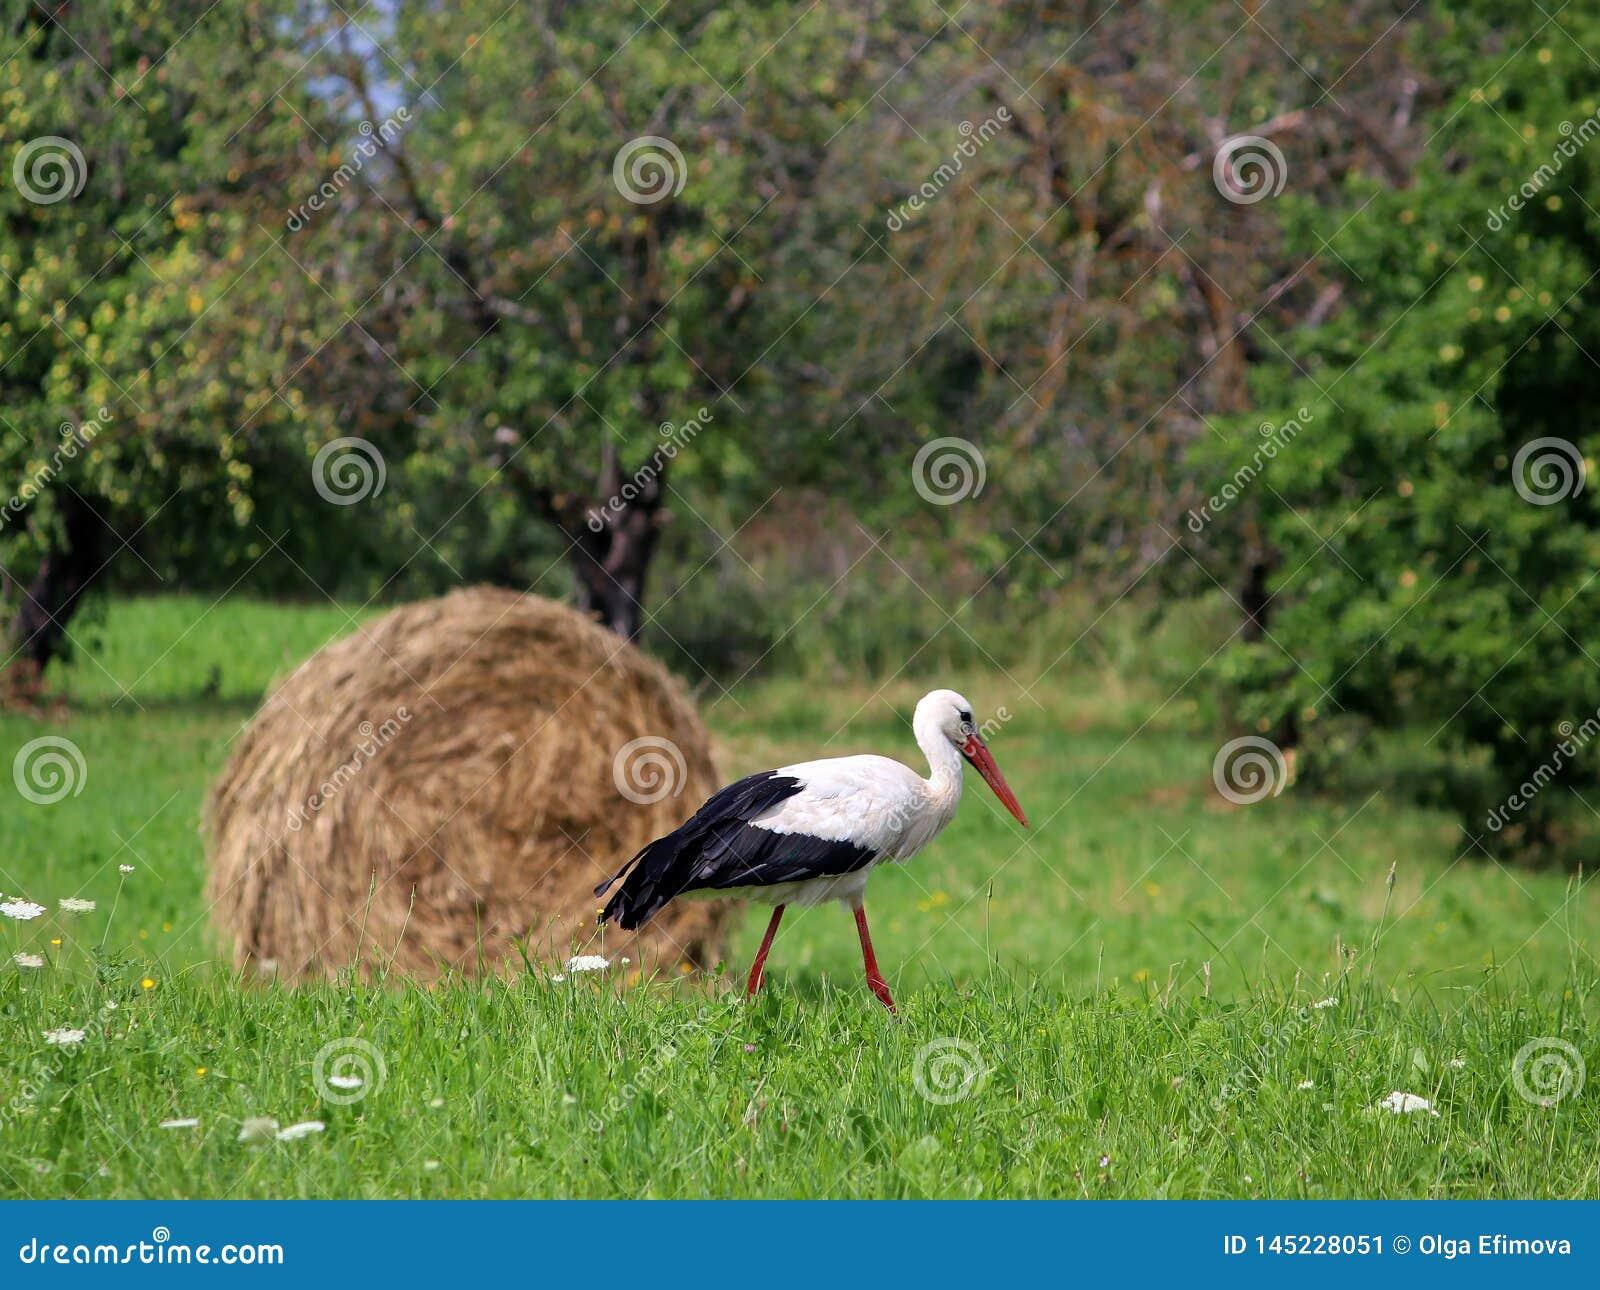 Una cicogna e un mucchio di fieno villaggio Luce del giorno Fotografia di estate